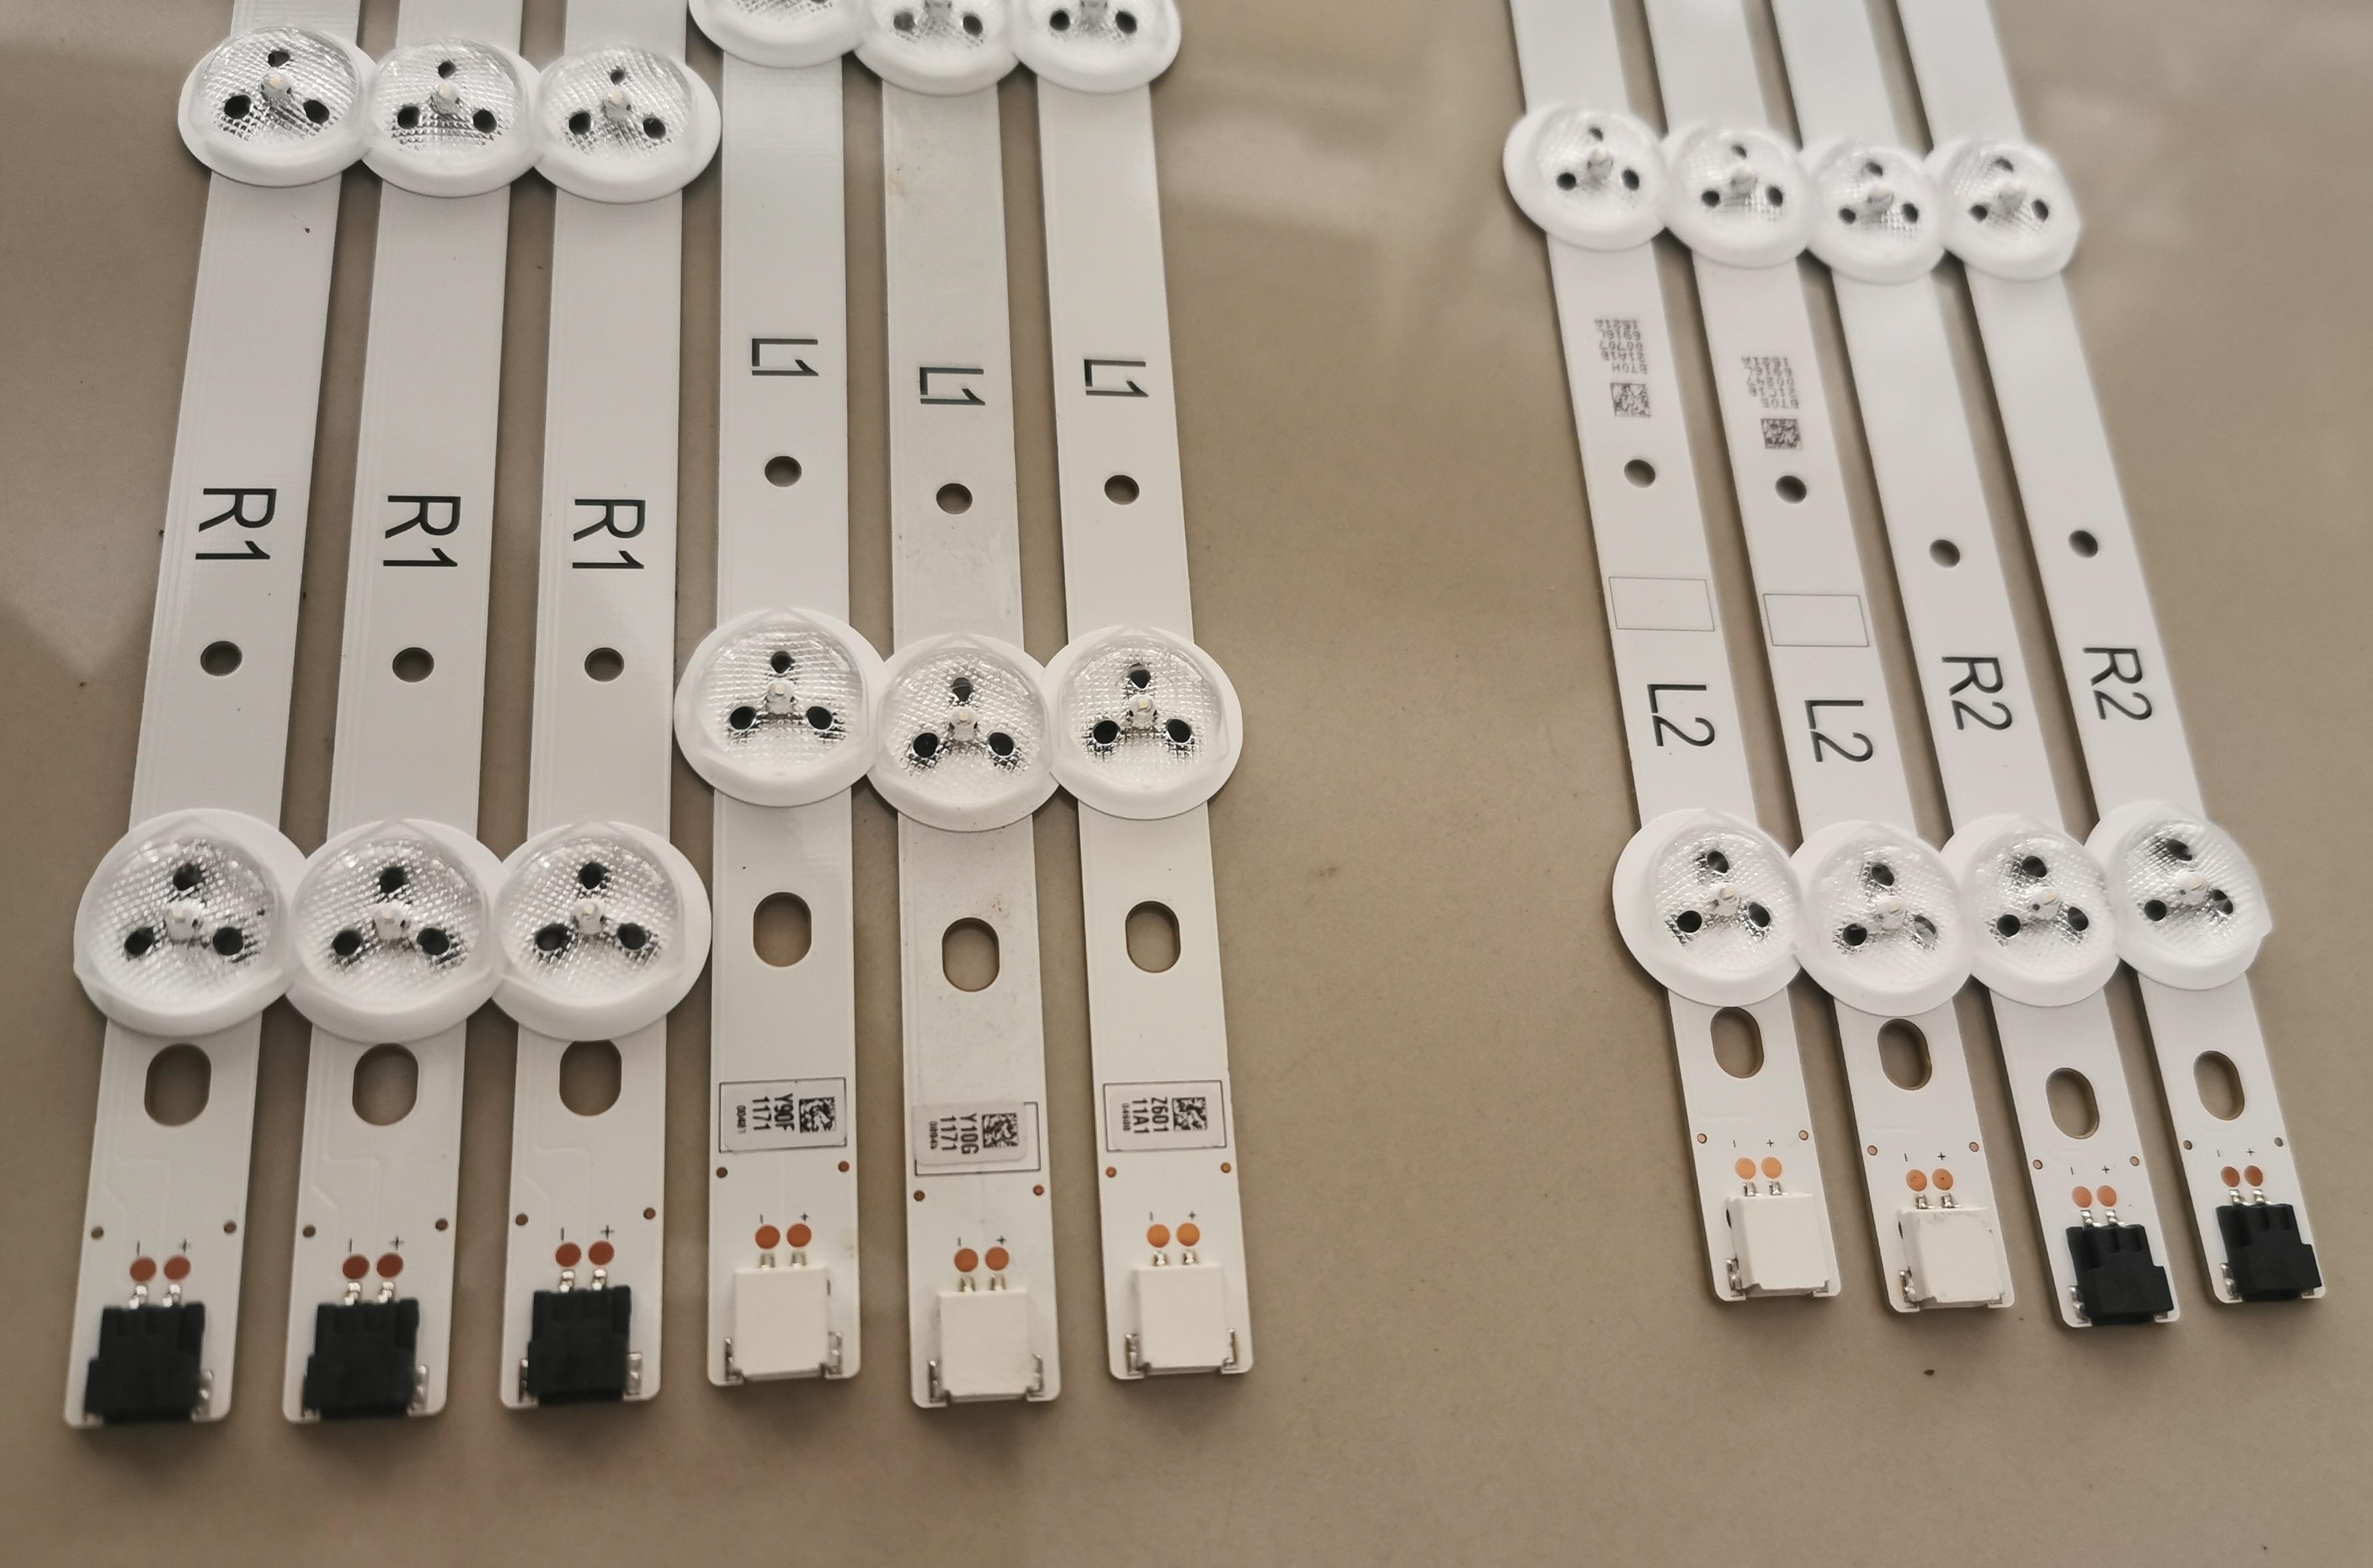 Backlight TV LG 42LN5100 - Lampu LED 42LN5400 - Backlight LED TV LG 42LA6130